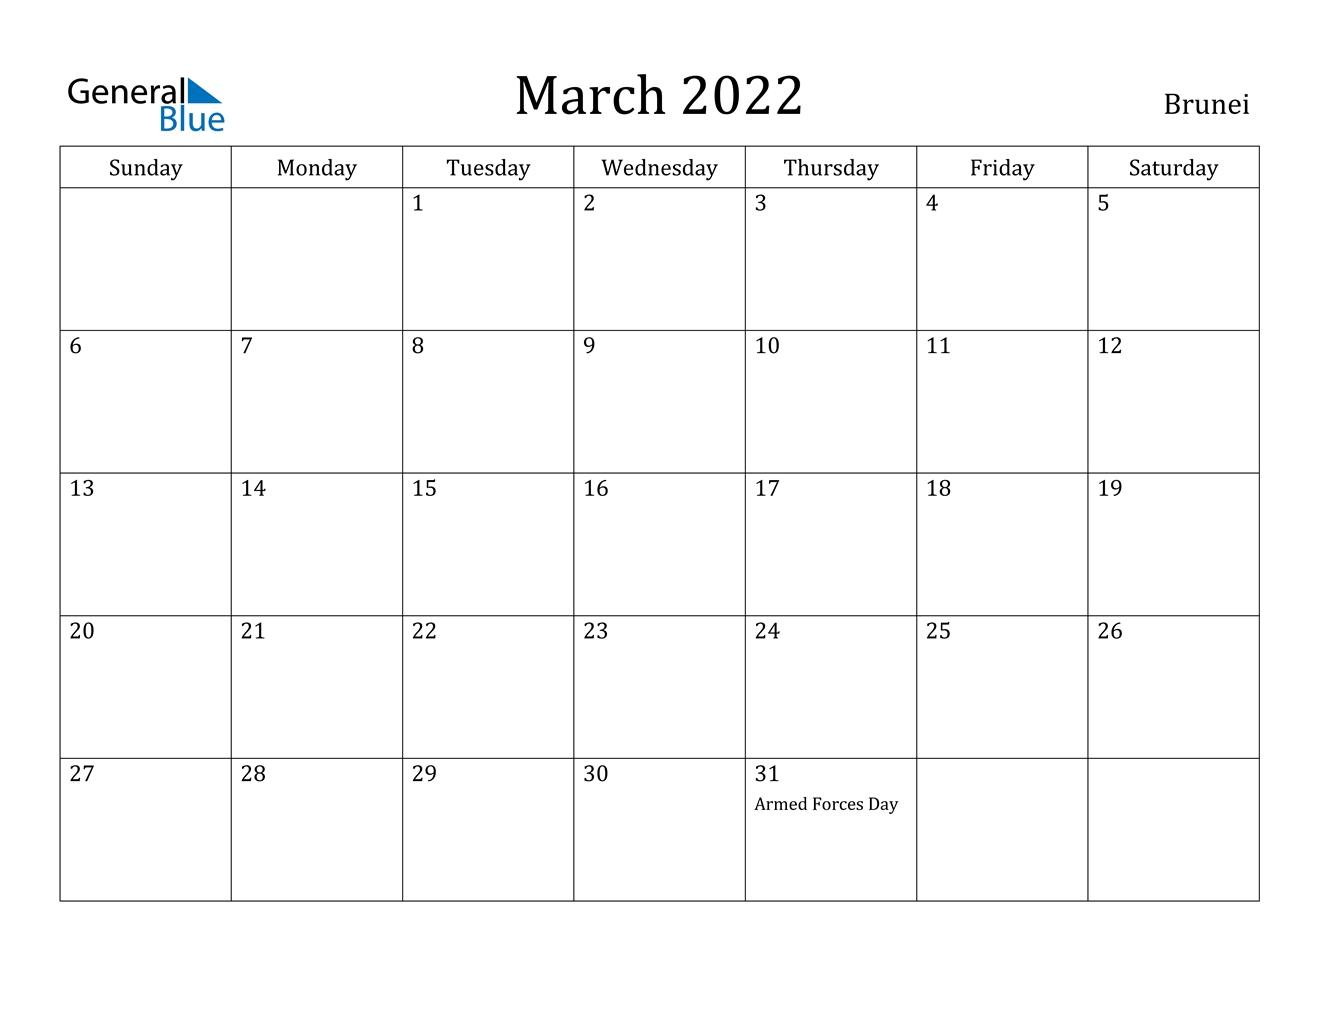 March 2022 Calendar - Brunei